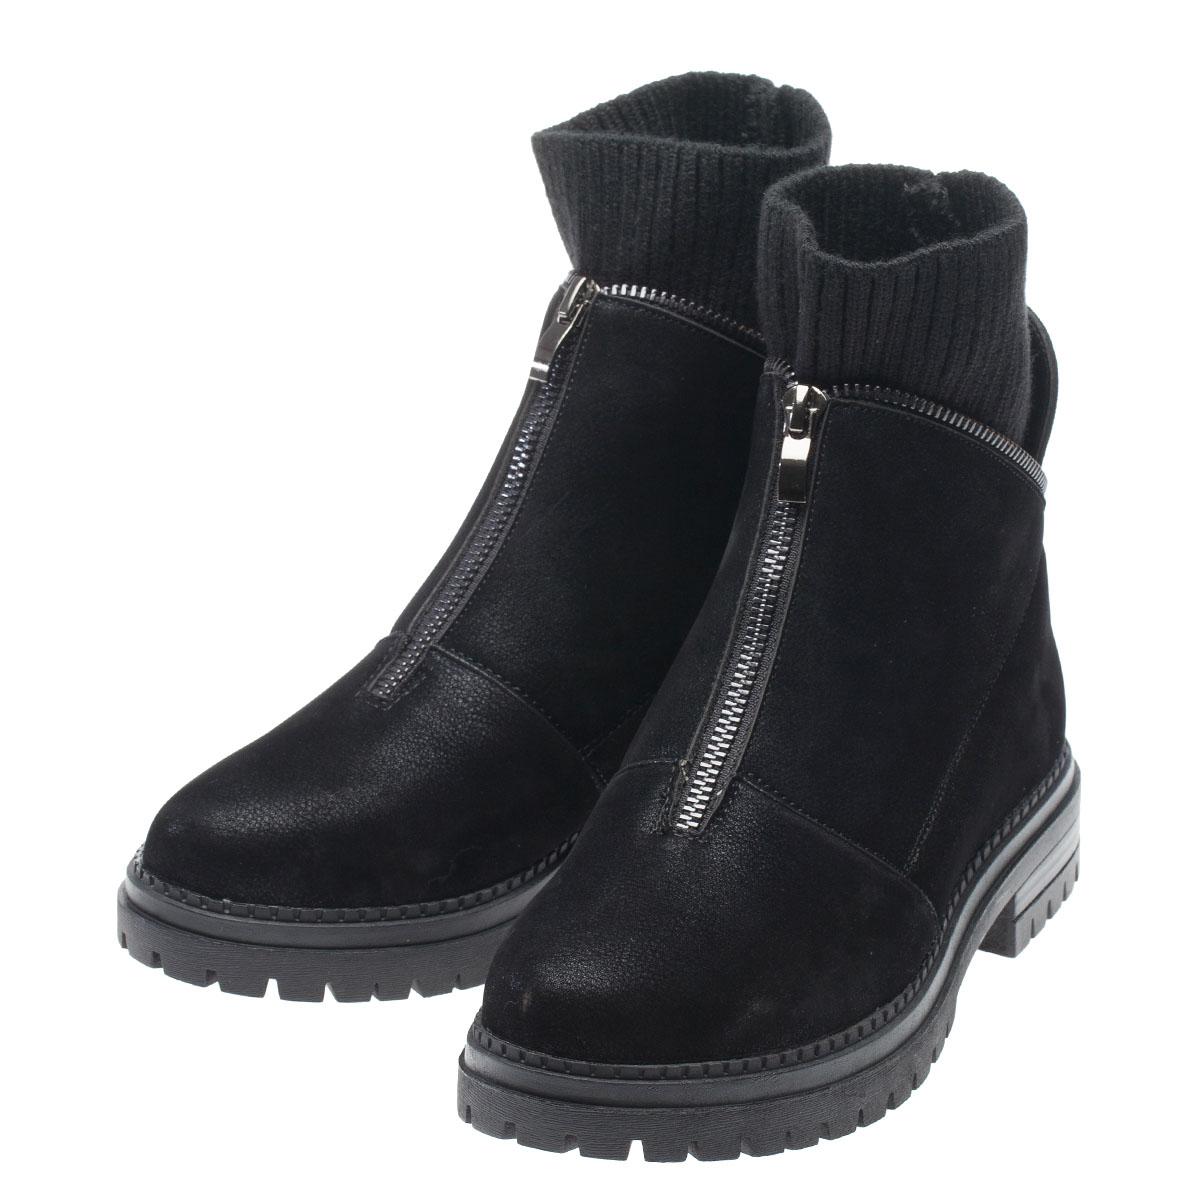 Фото - Ботинки демисезонные FERTO, D18-6097-3 ботинки демисезонные ferto skl 008